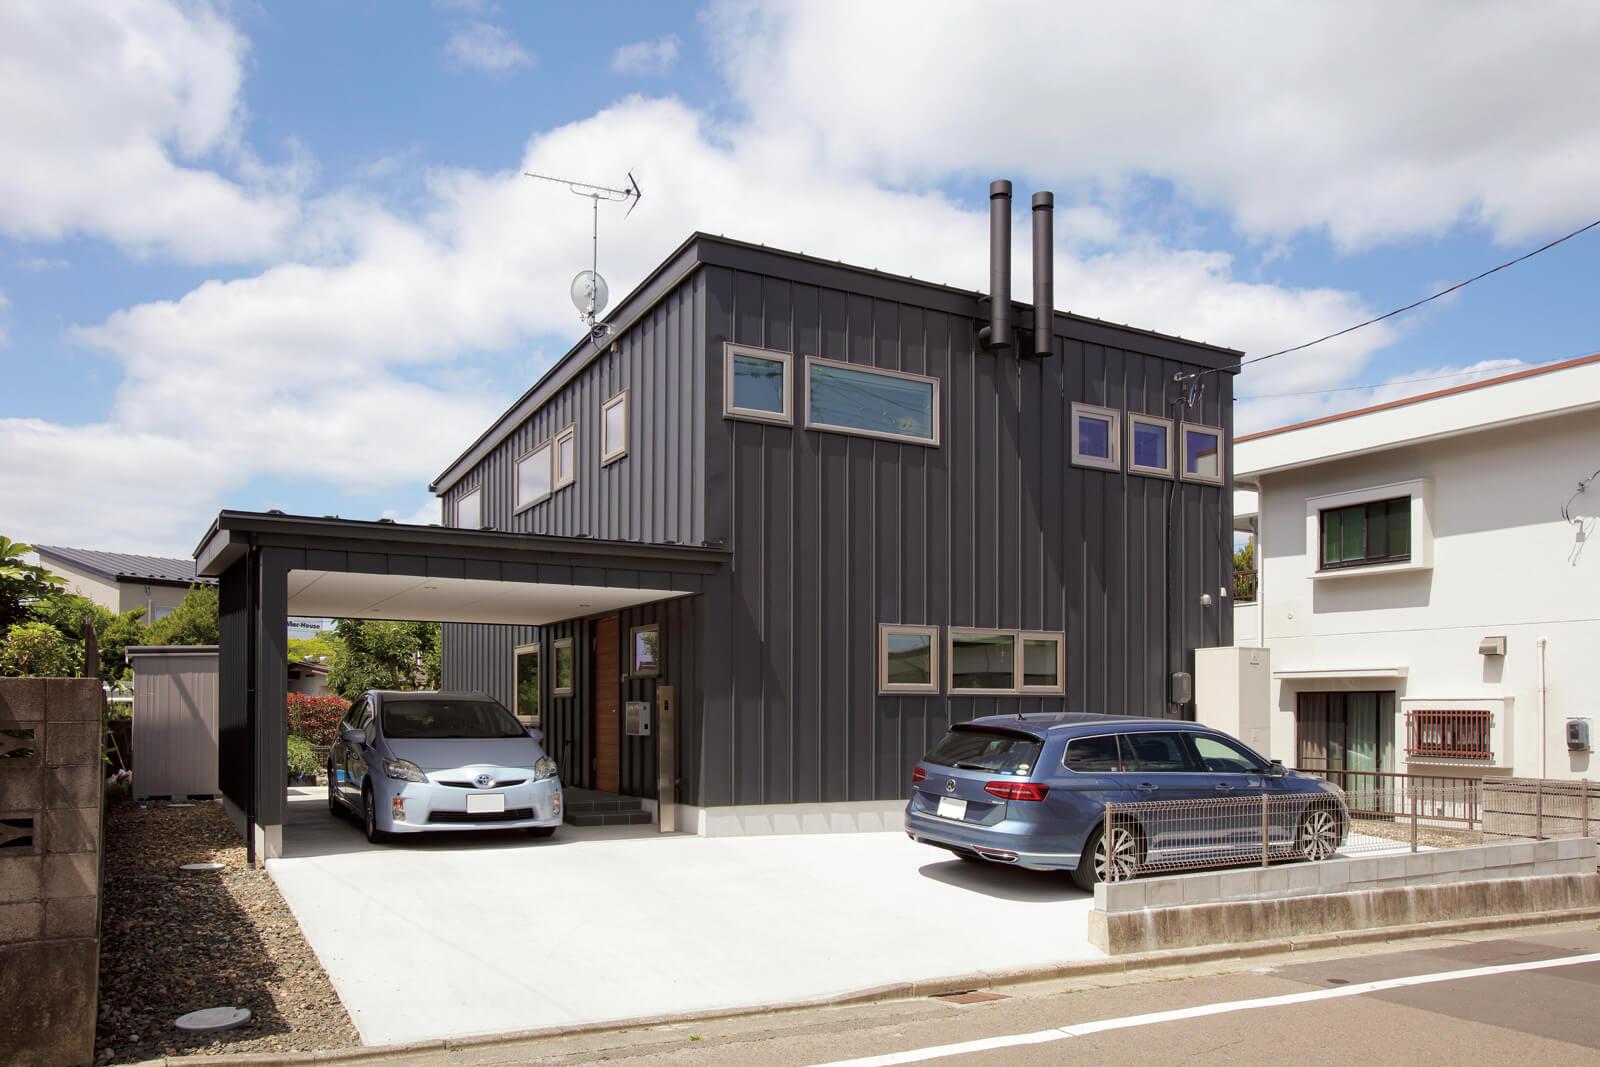 外壁はブラックのガルバリウム鋼板でスタイリッシュな印象。玄関前のインナーガレージは天気の悪い日も濡れる心配なし